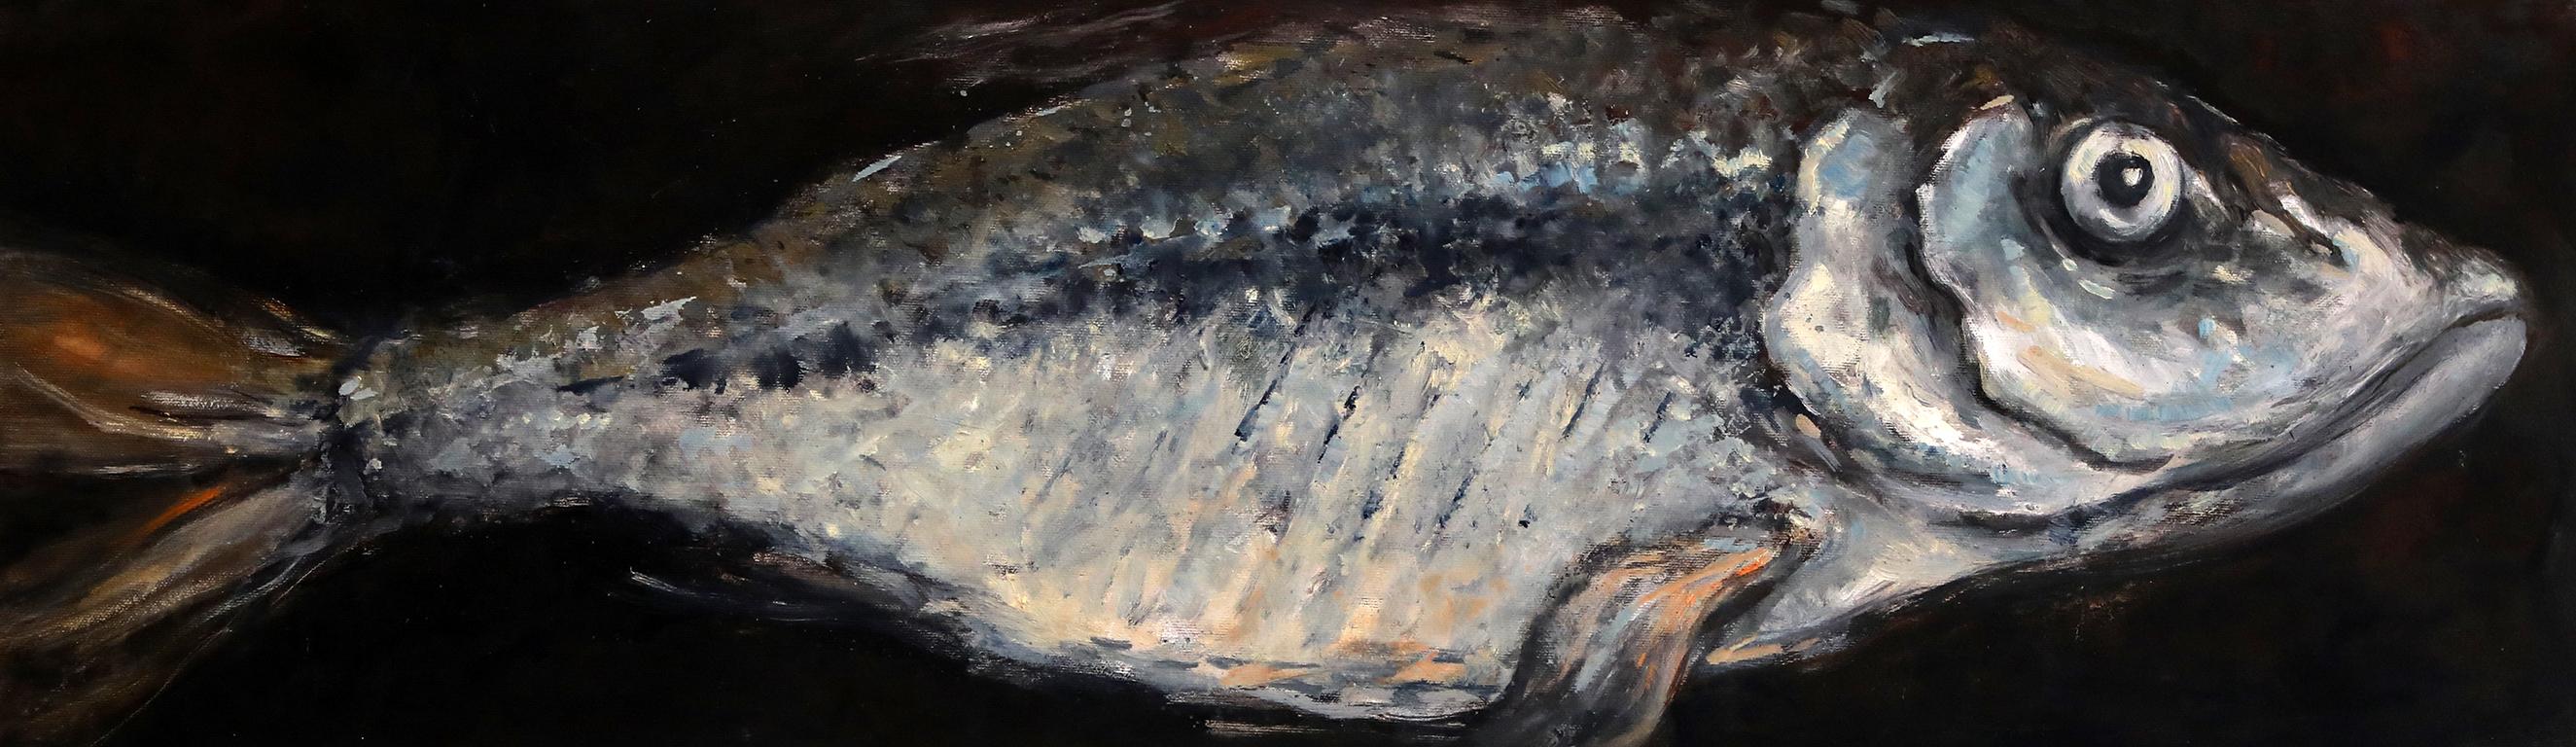 <p>Риба 2</p>  <p>Реката е знак едновременно за динамичното преобразяване на живота и за неговата устойчивост.</p>